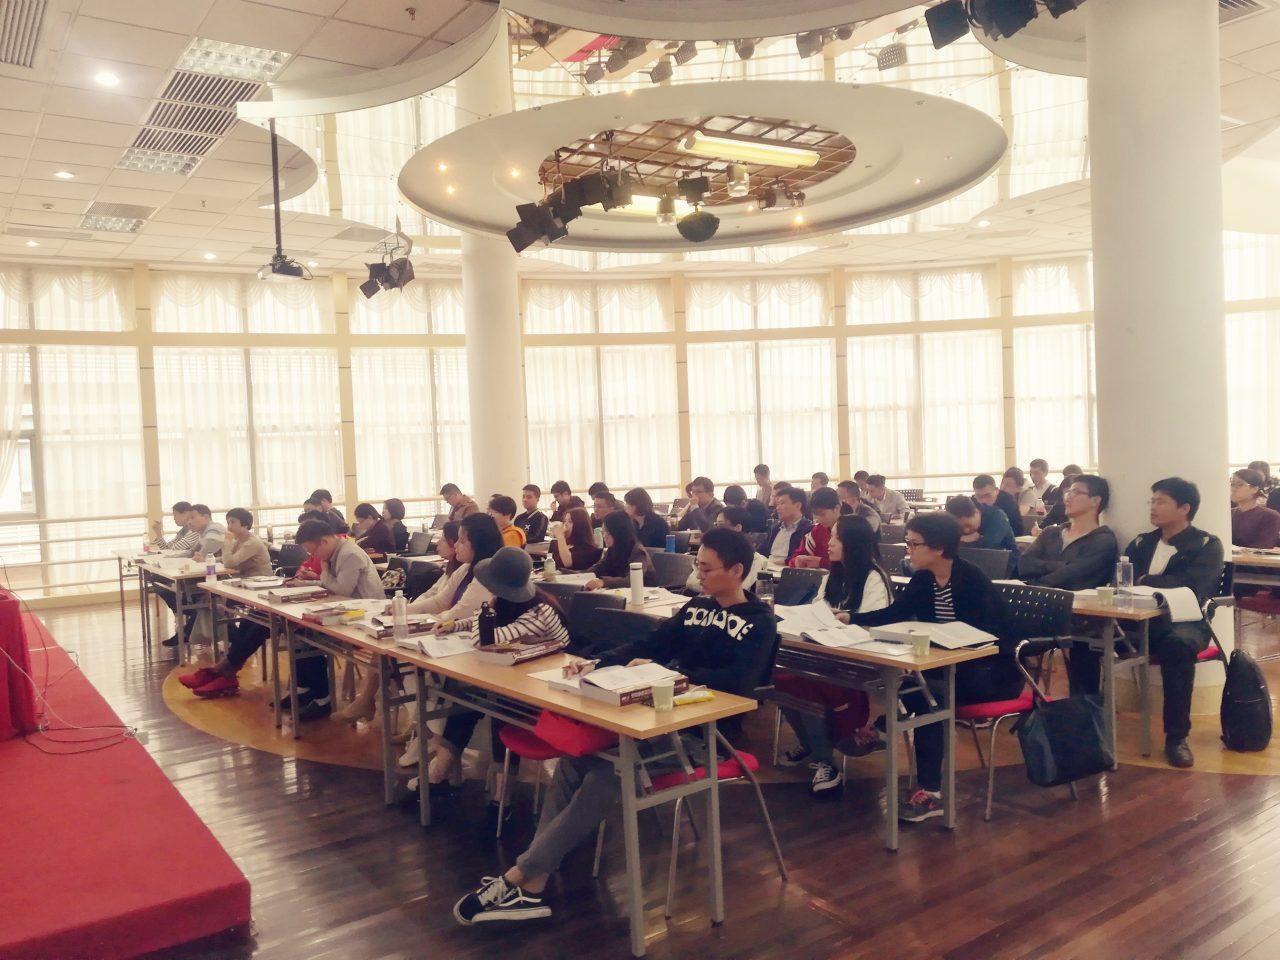 2021年上海2021年PMP考试时间有什么变化?如何备战2021年PMP考试? -- 第1张